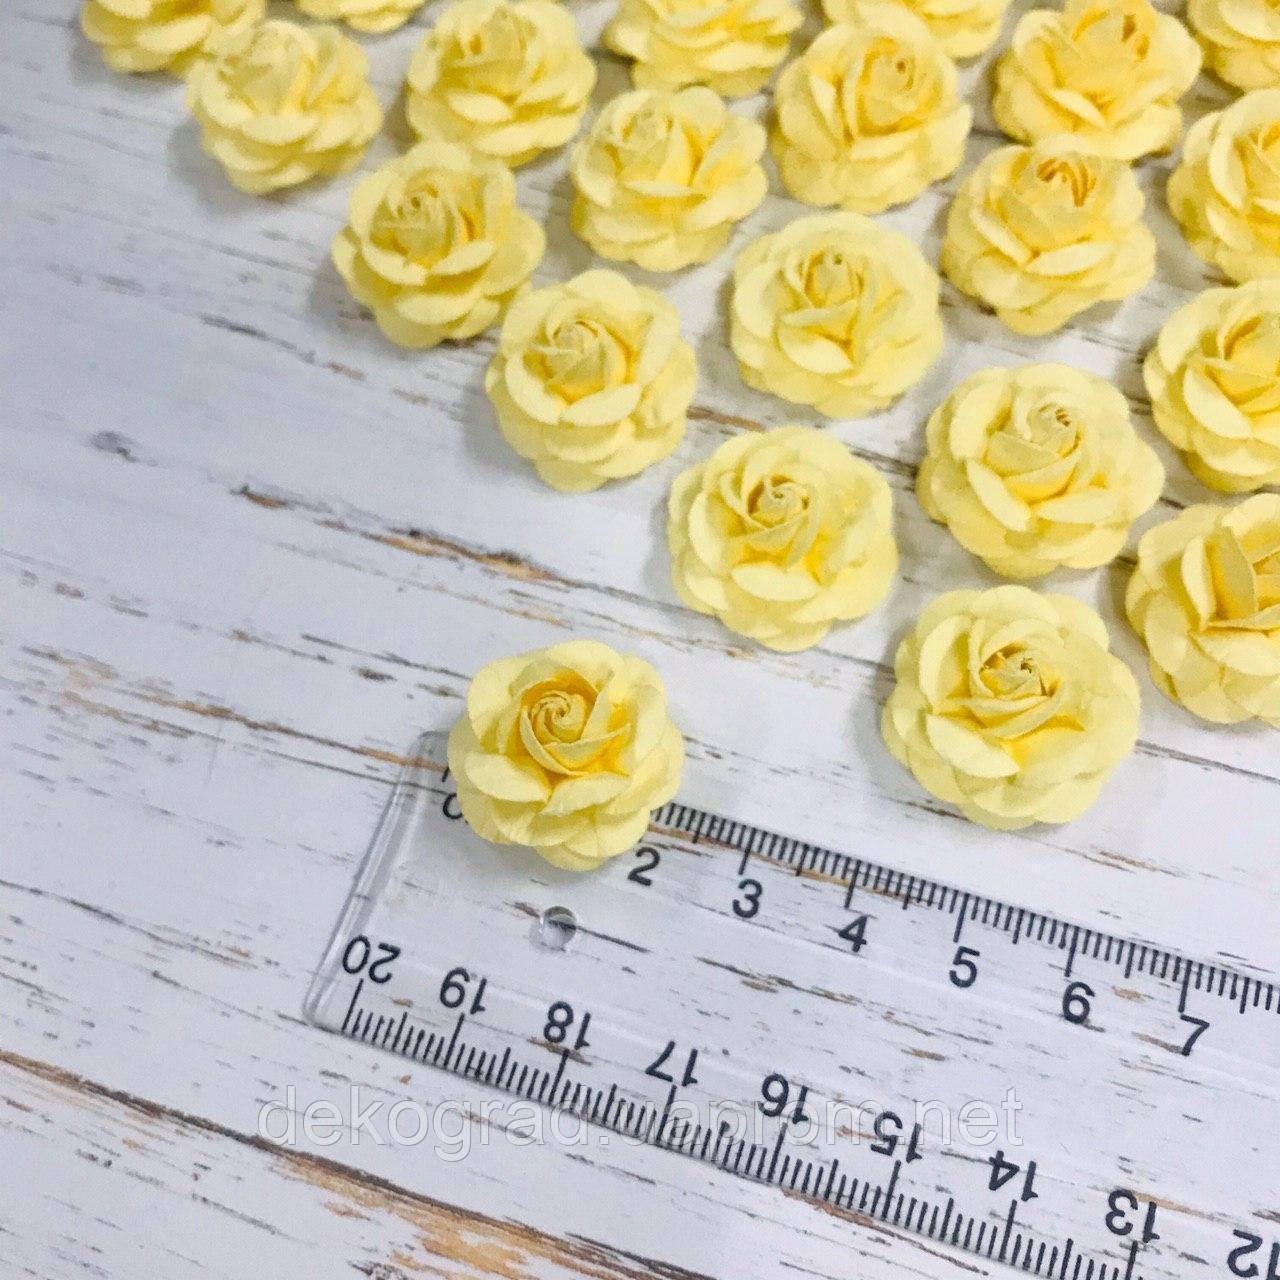 Роза нежно-жёлтая ДГ 20-25 мм